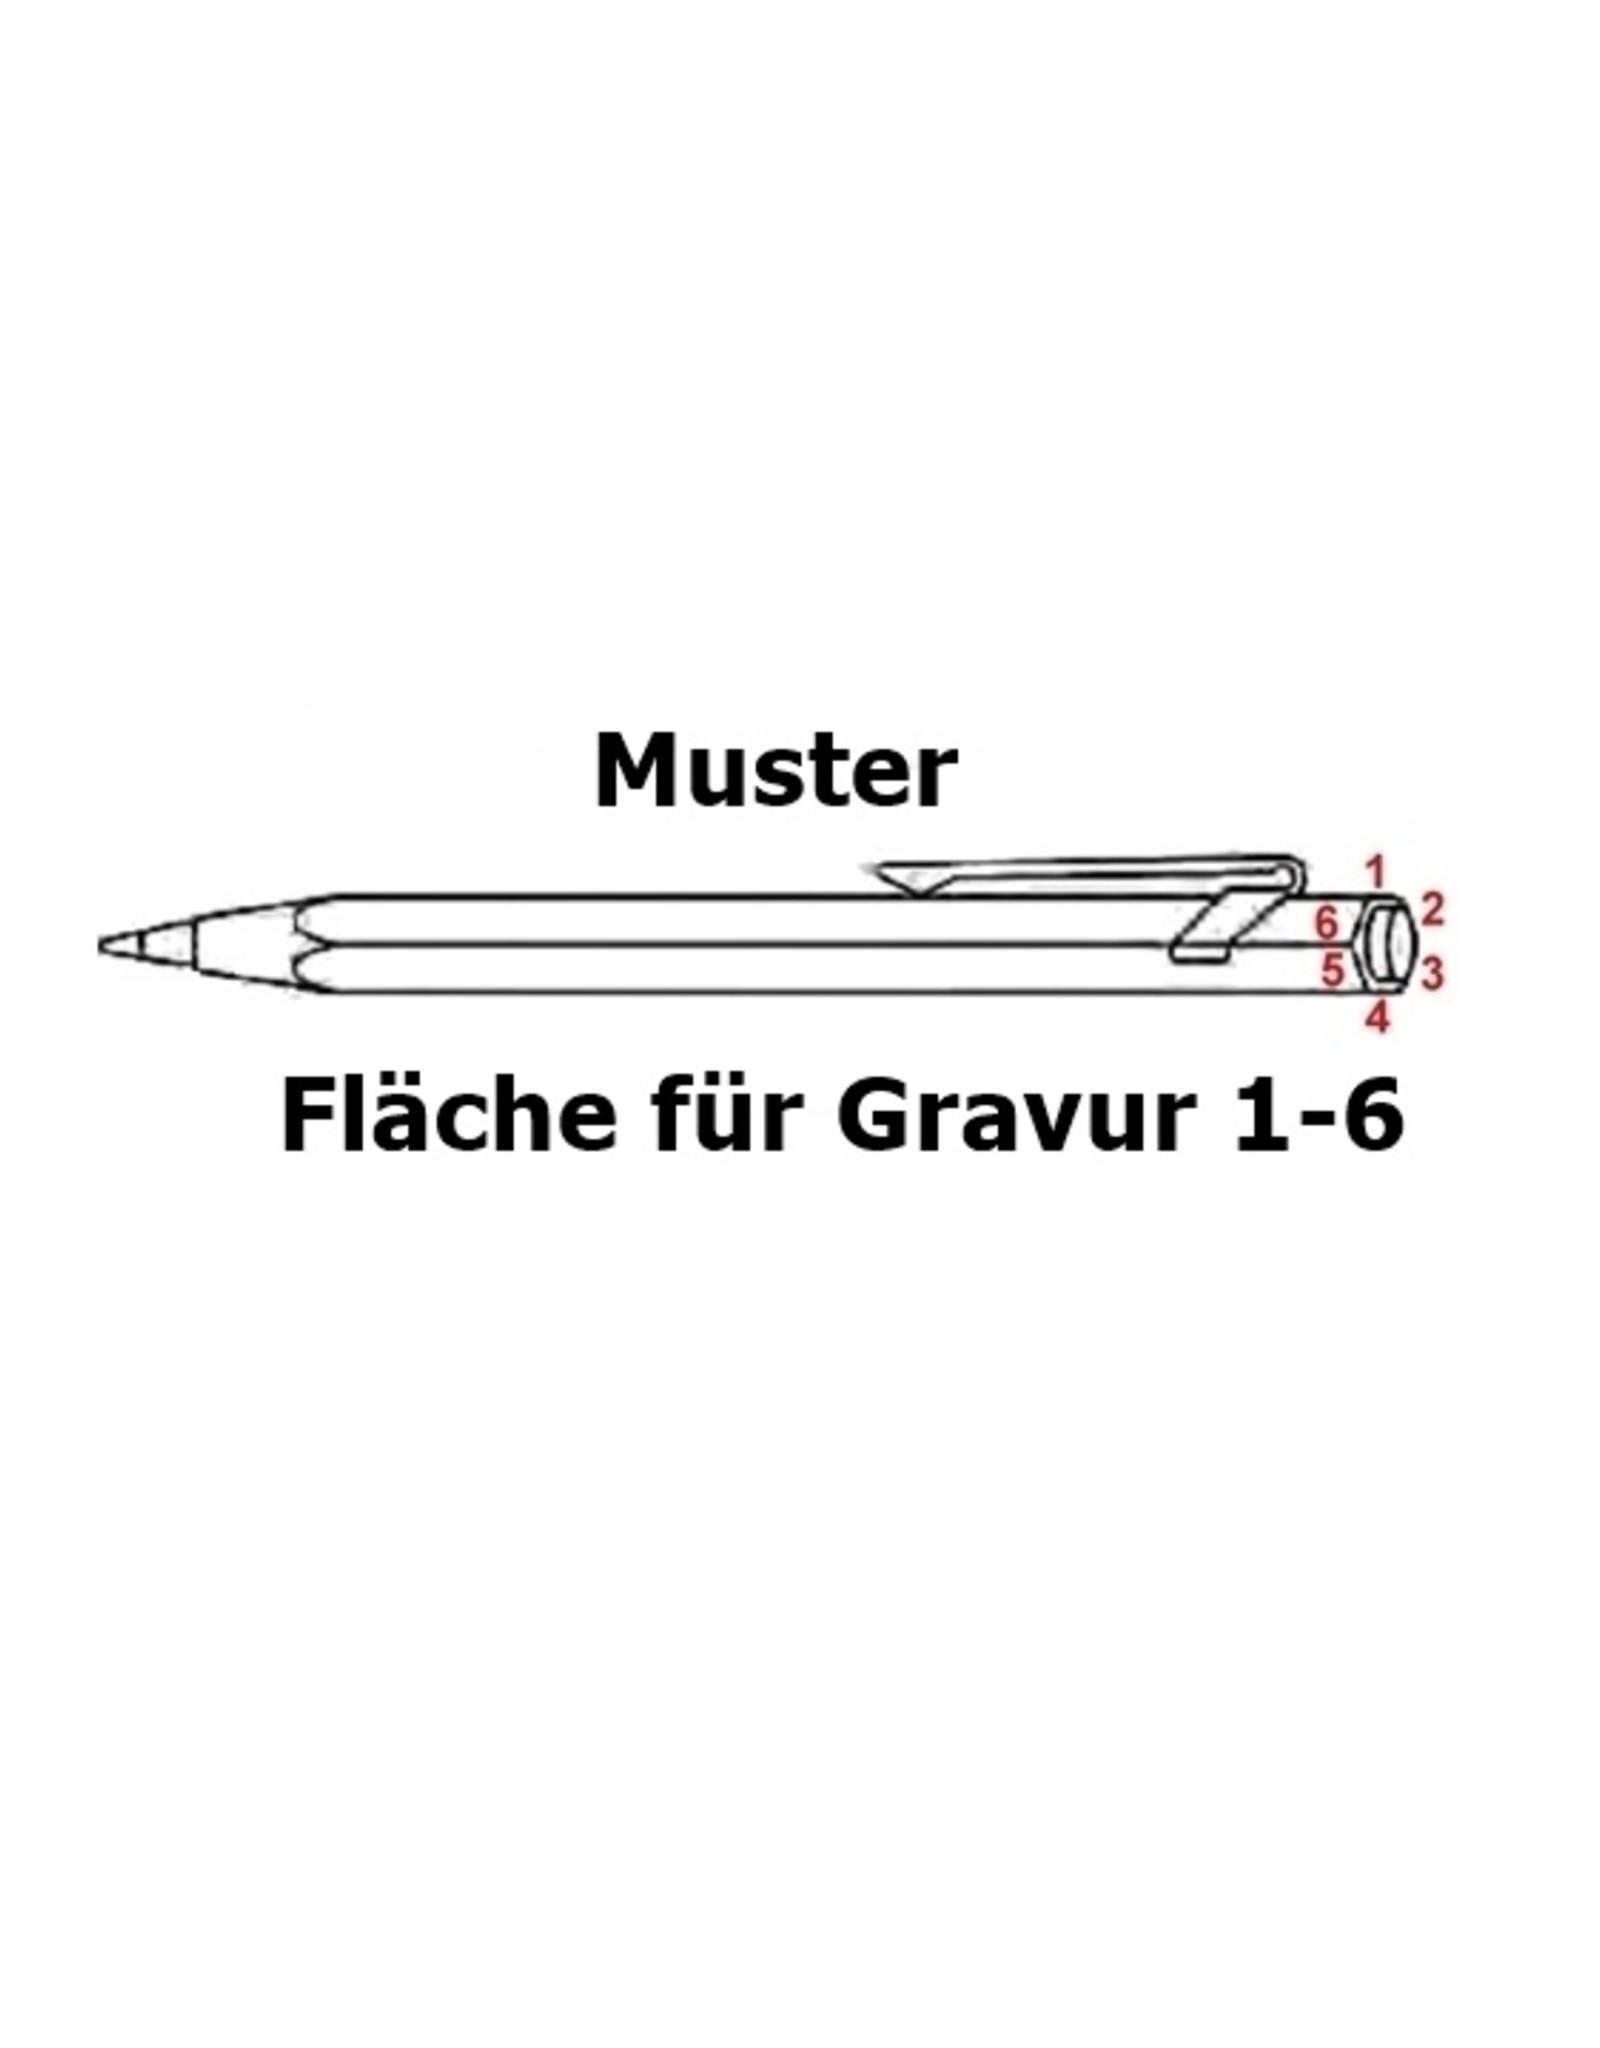 Fixpencil 2mm von Caran d'Ache mit Gravur